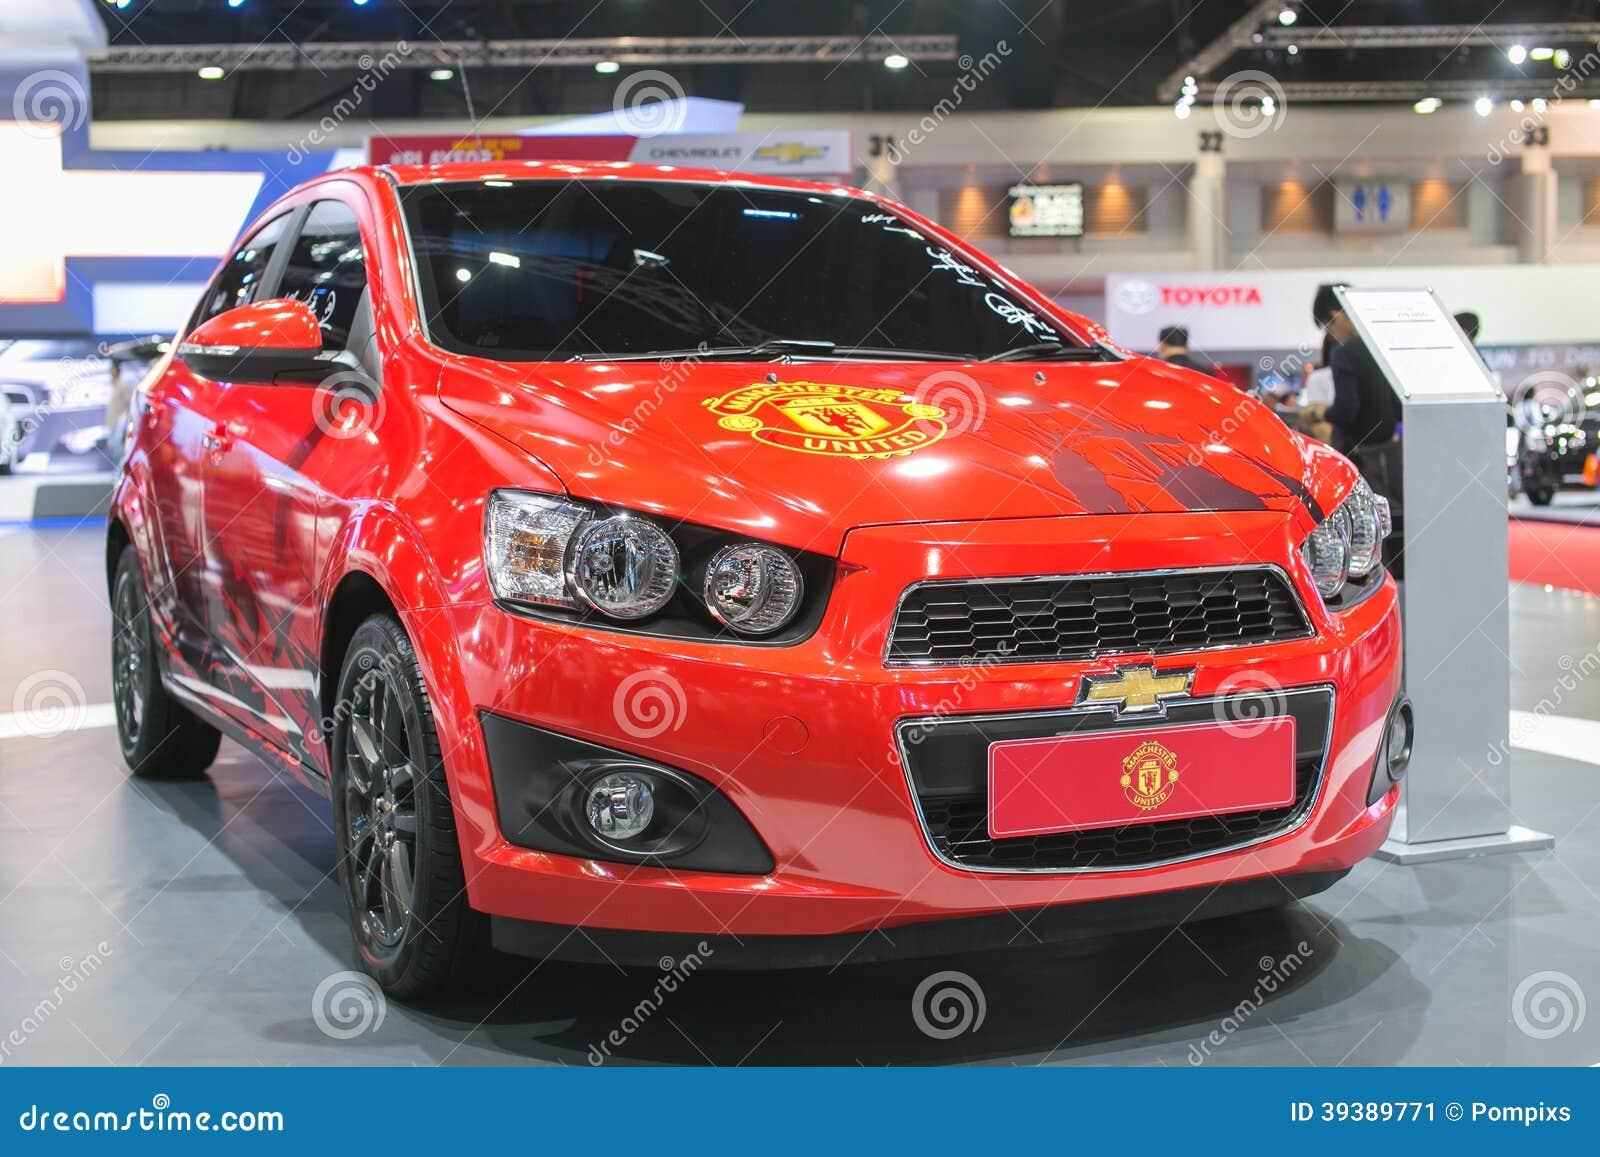 Νέα έκδοση του αυτοκινήτου της Manchester United Chevrolet στη διεθνή έκθεση αυτοκινήτου της 35ης Μπανγκόκ, ομορφιά έννοιας στο Dr